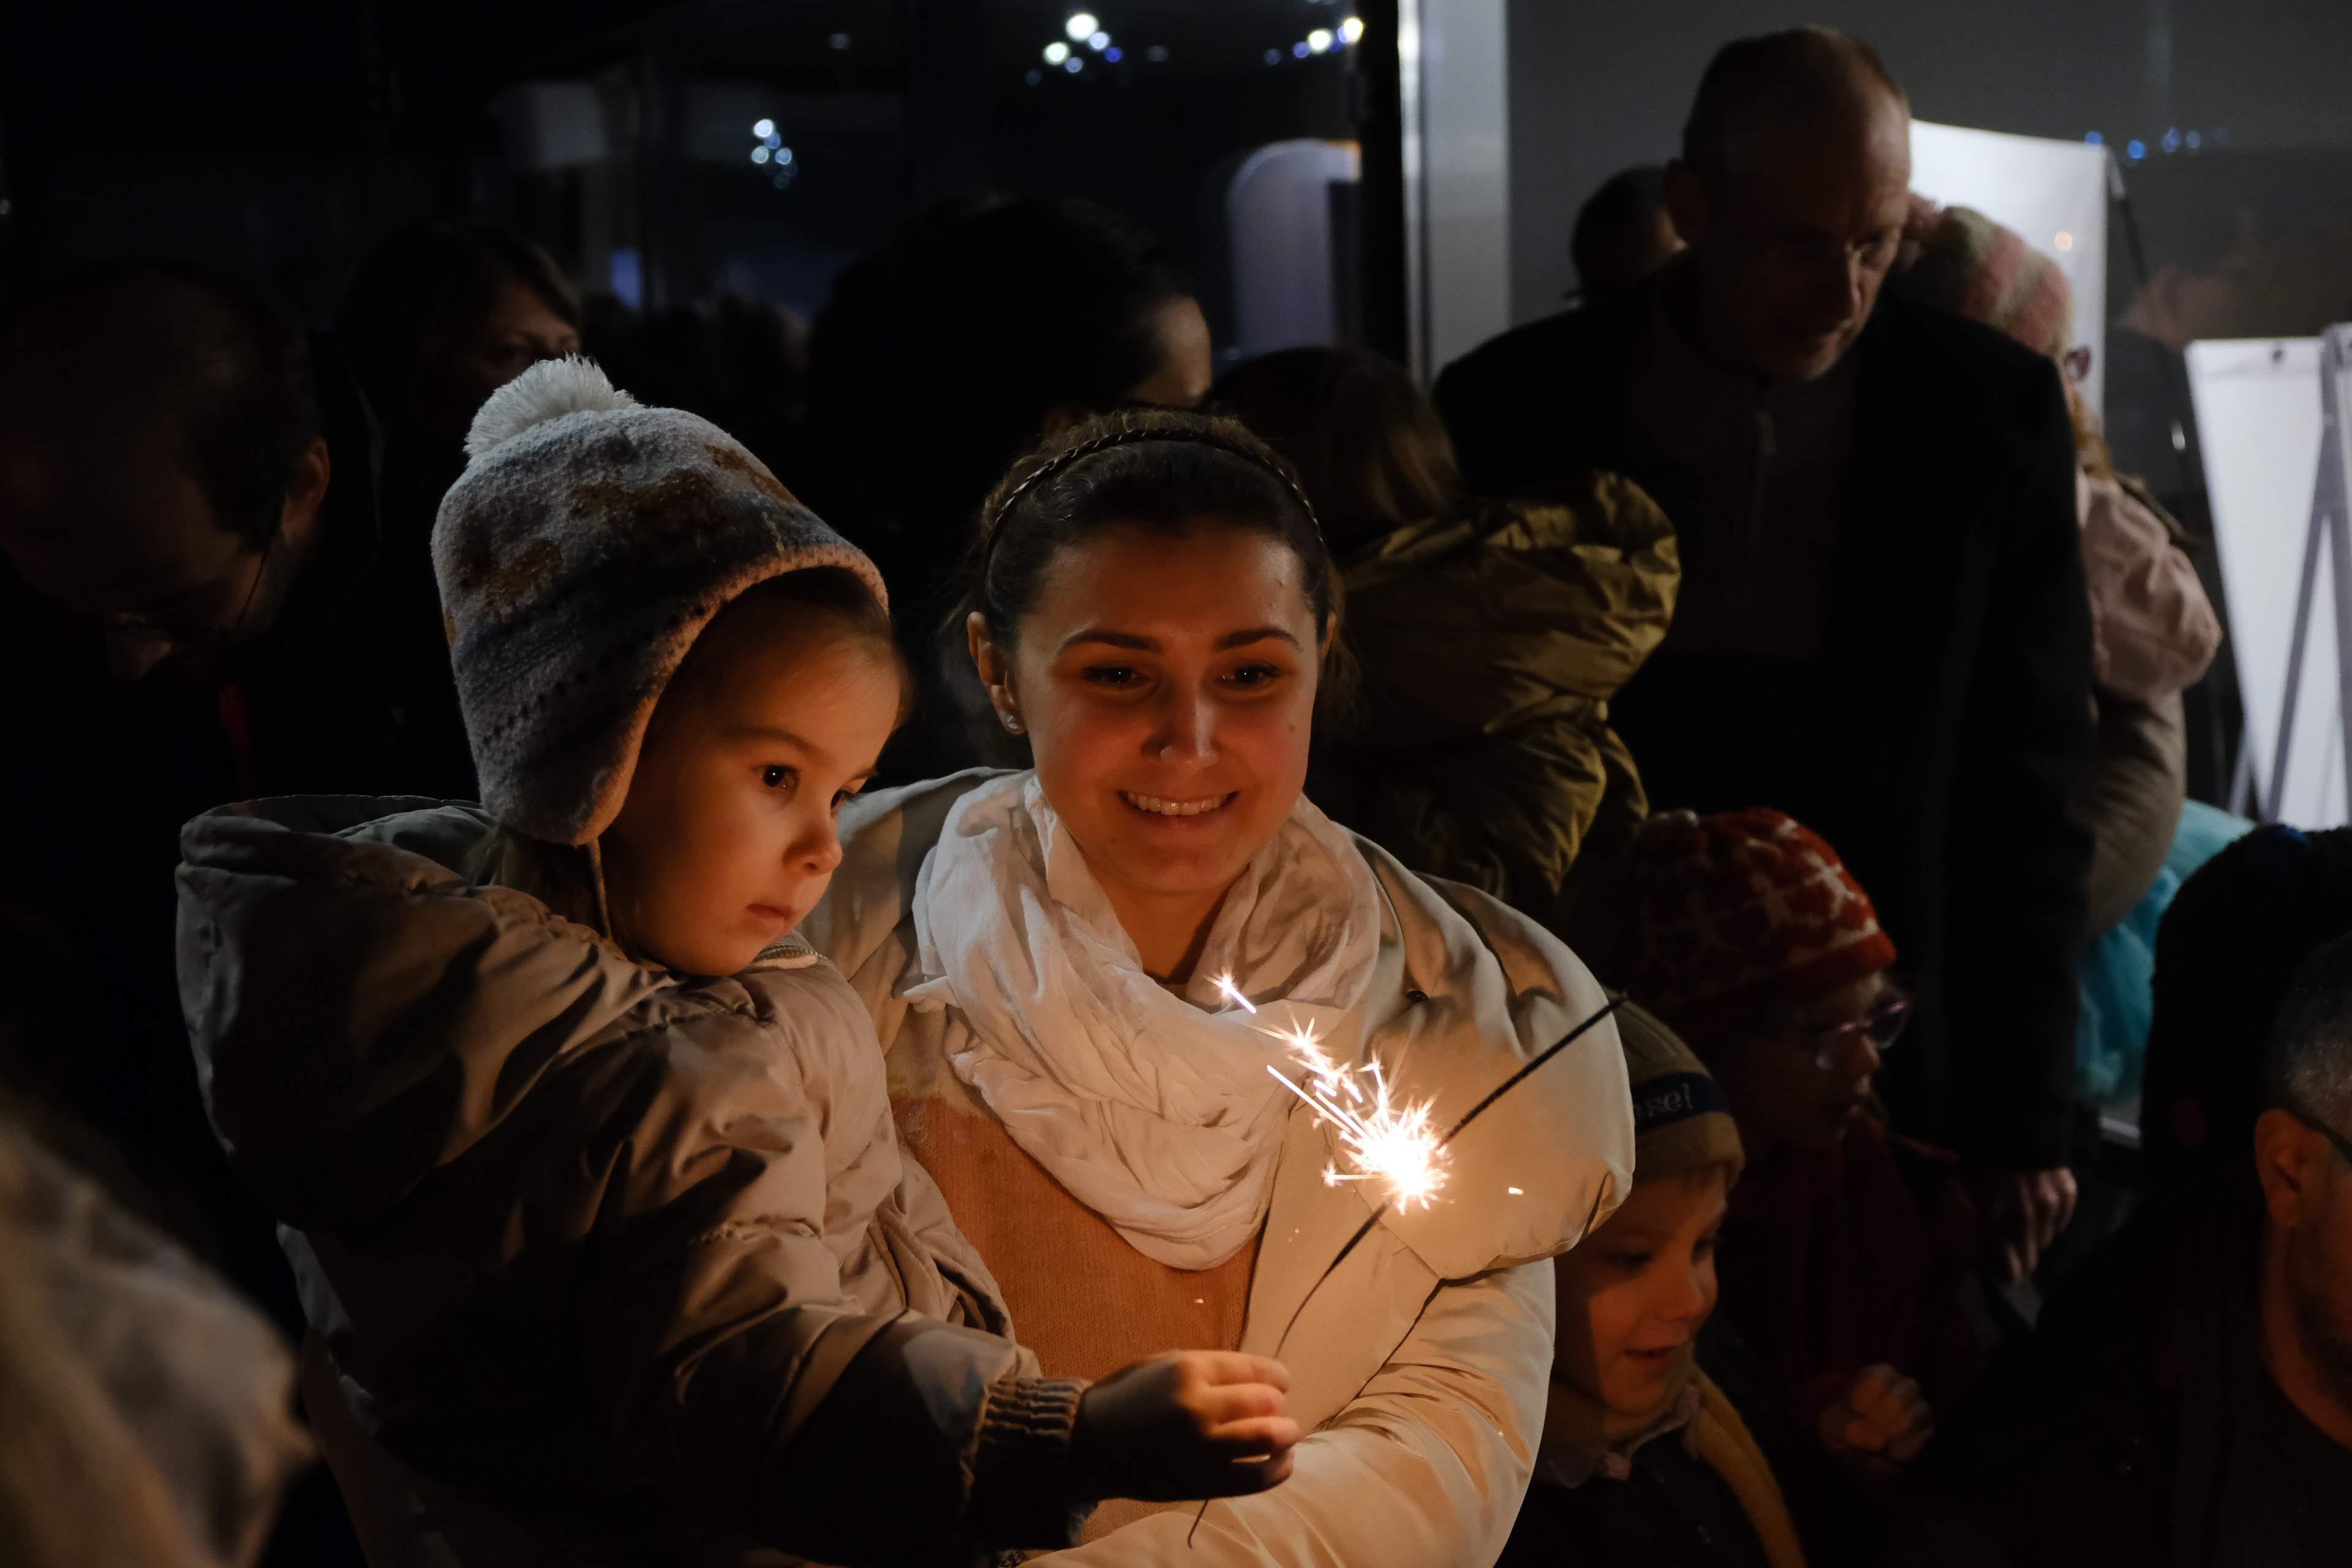 Rendhagyó karácsonyi ünnepély hagyományteremtő szándékkal